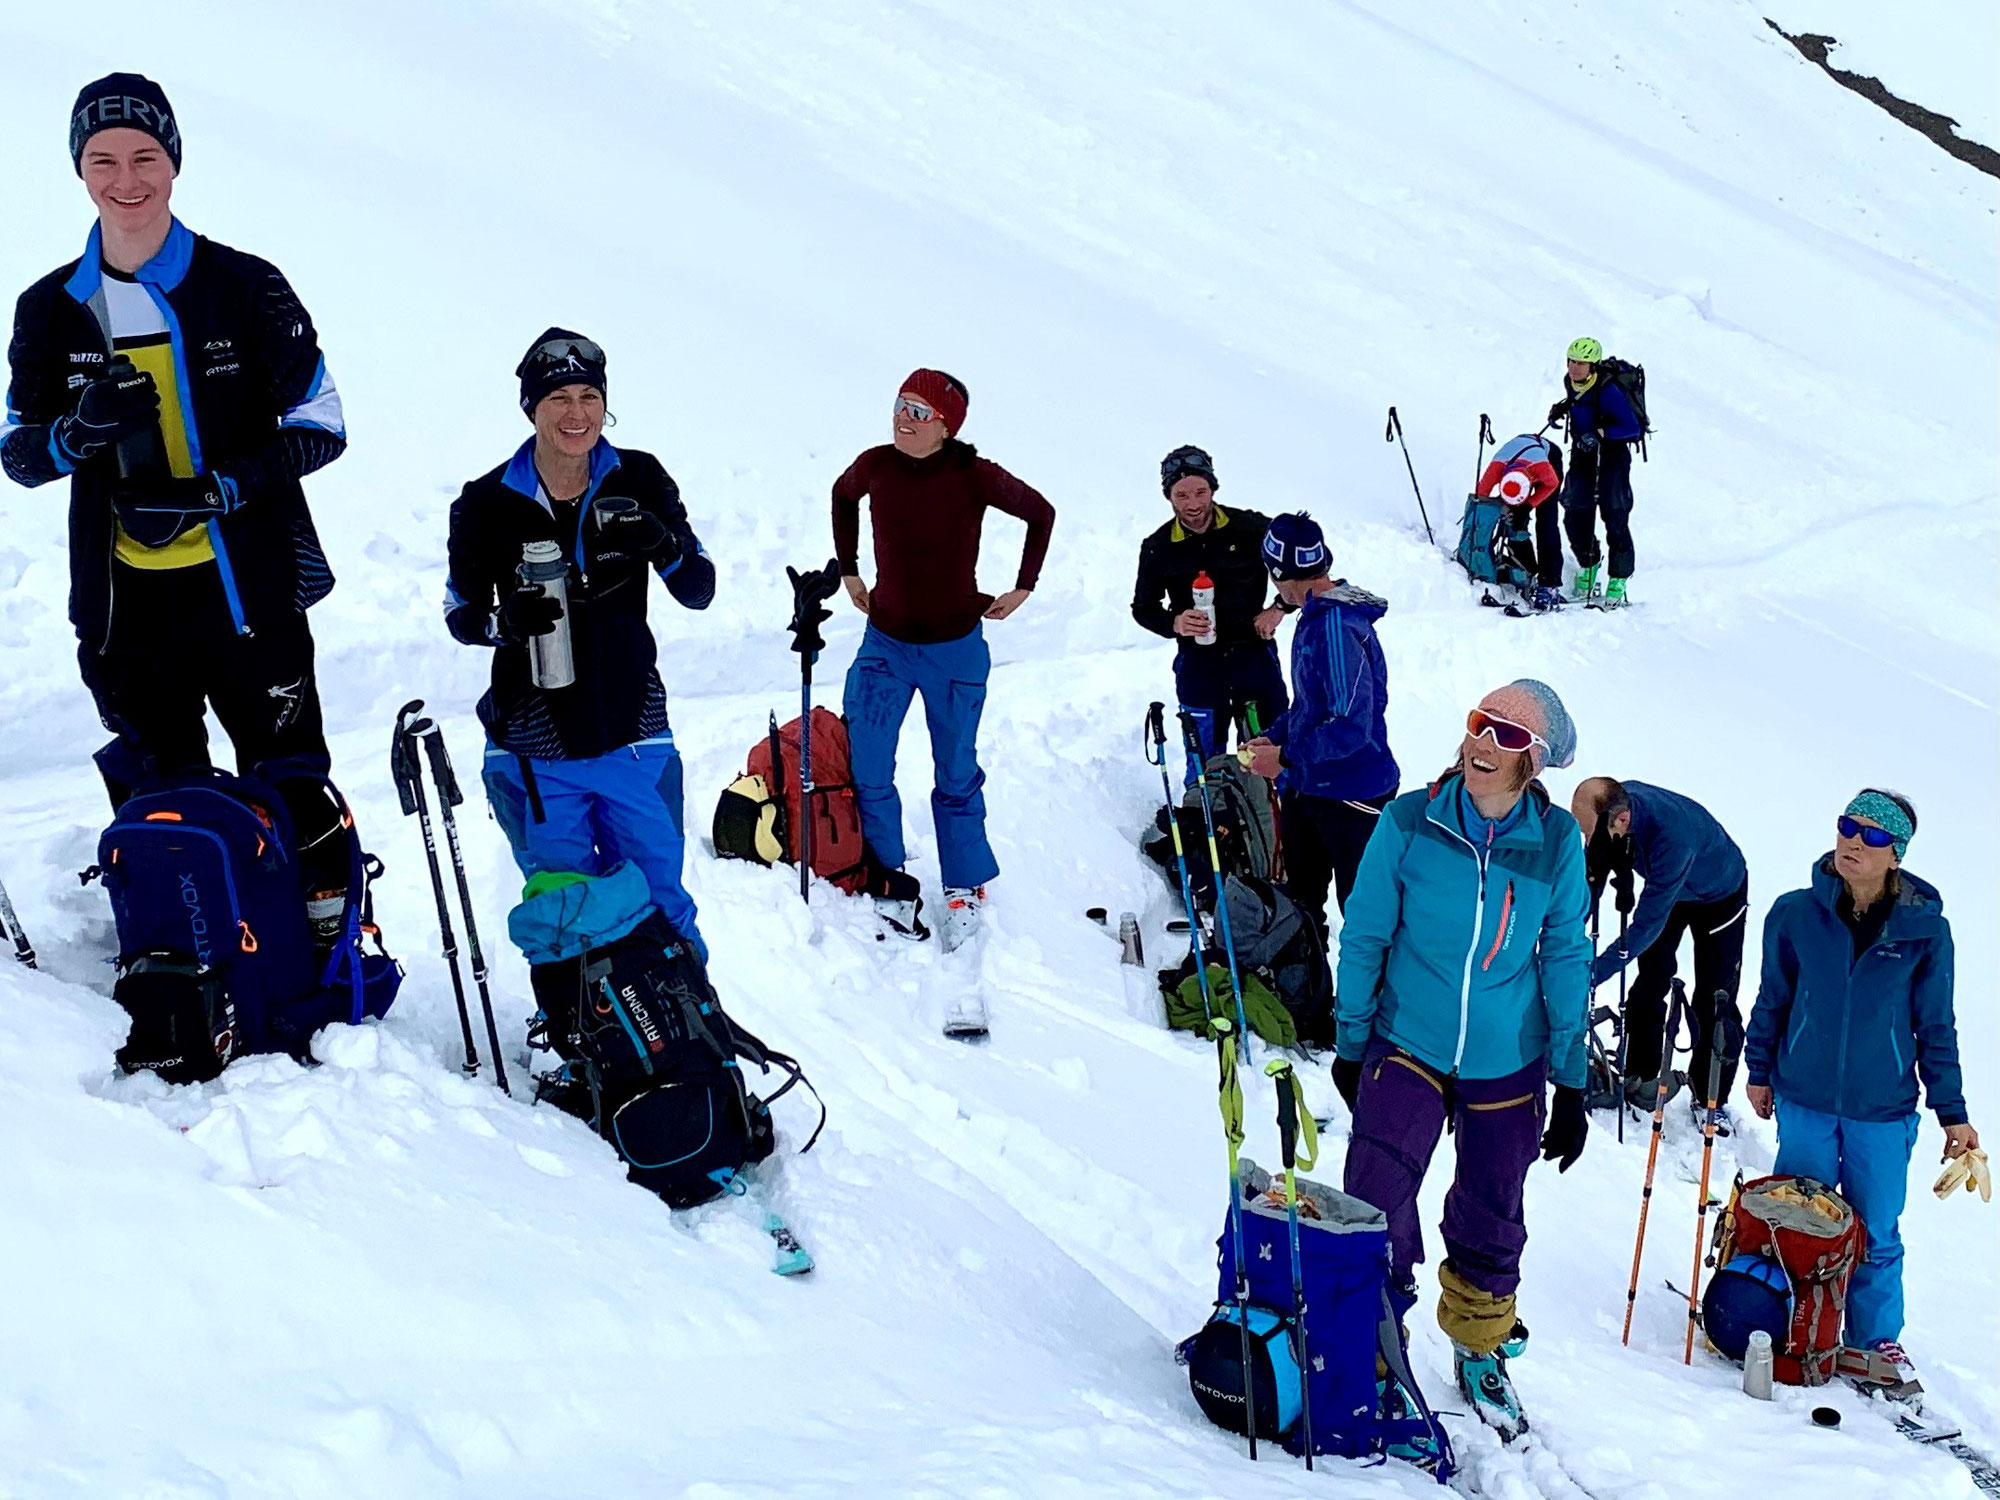 So 18.04.21 - Ski- und Snowboardtour Winterhorn